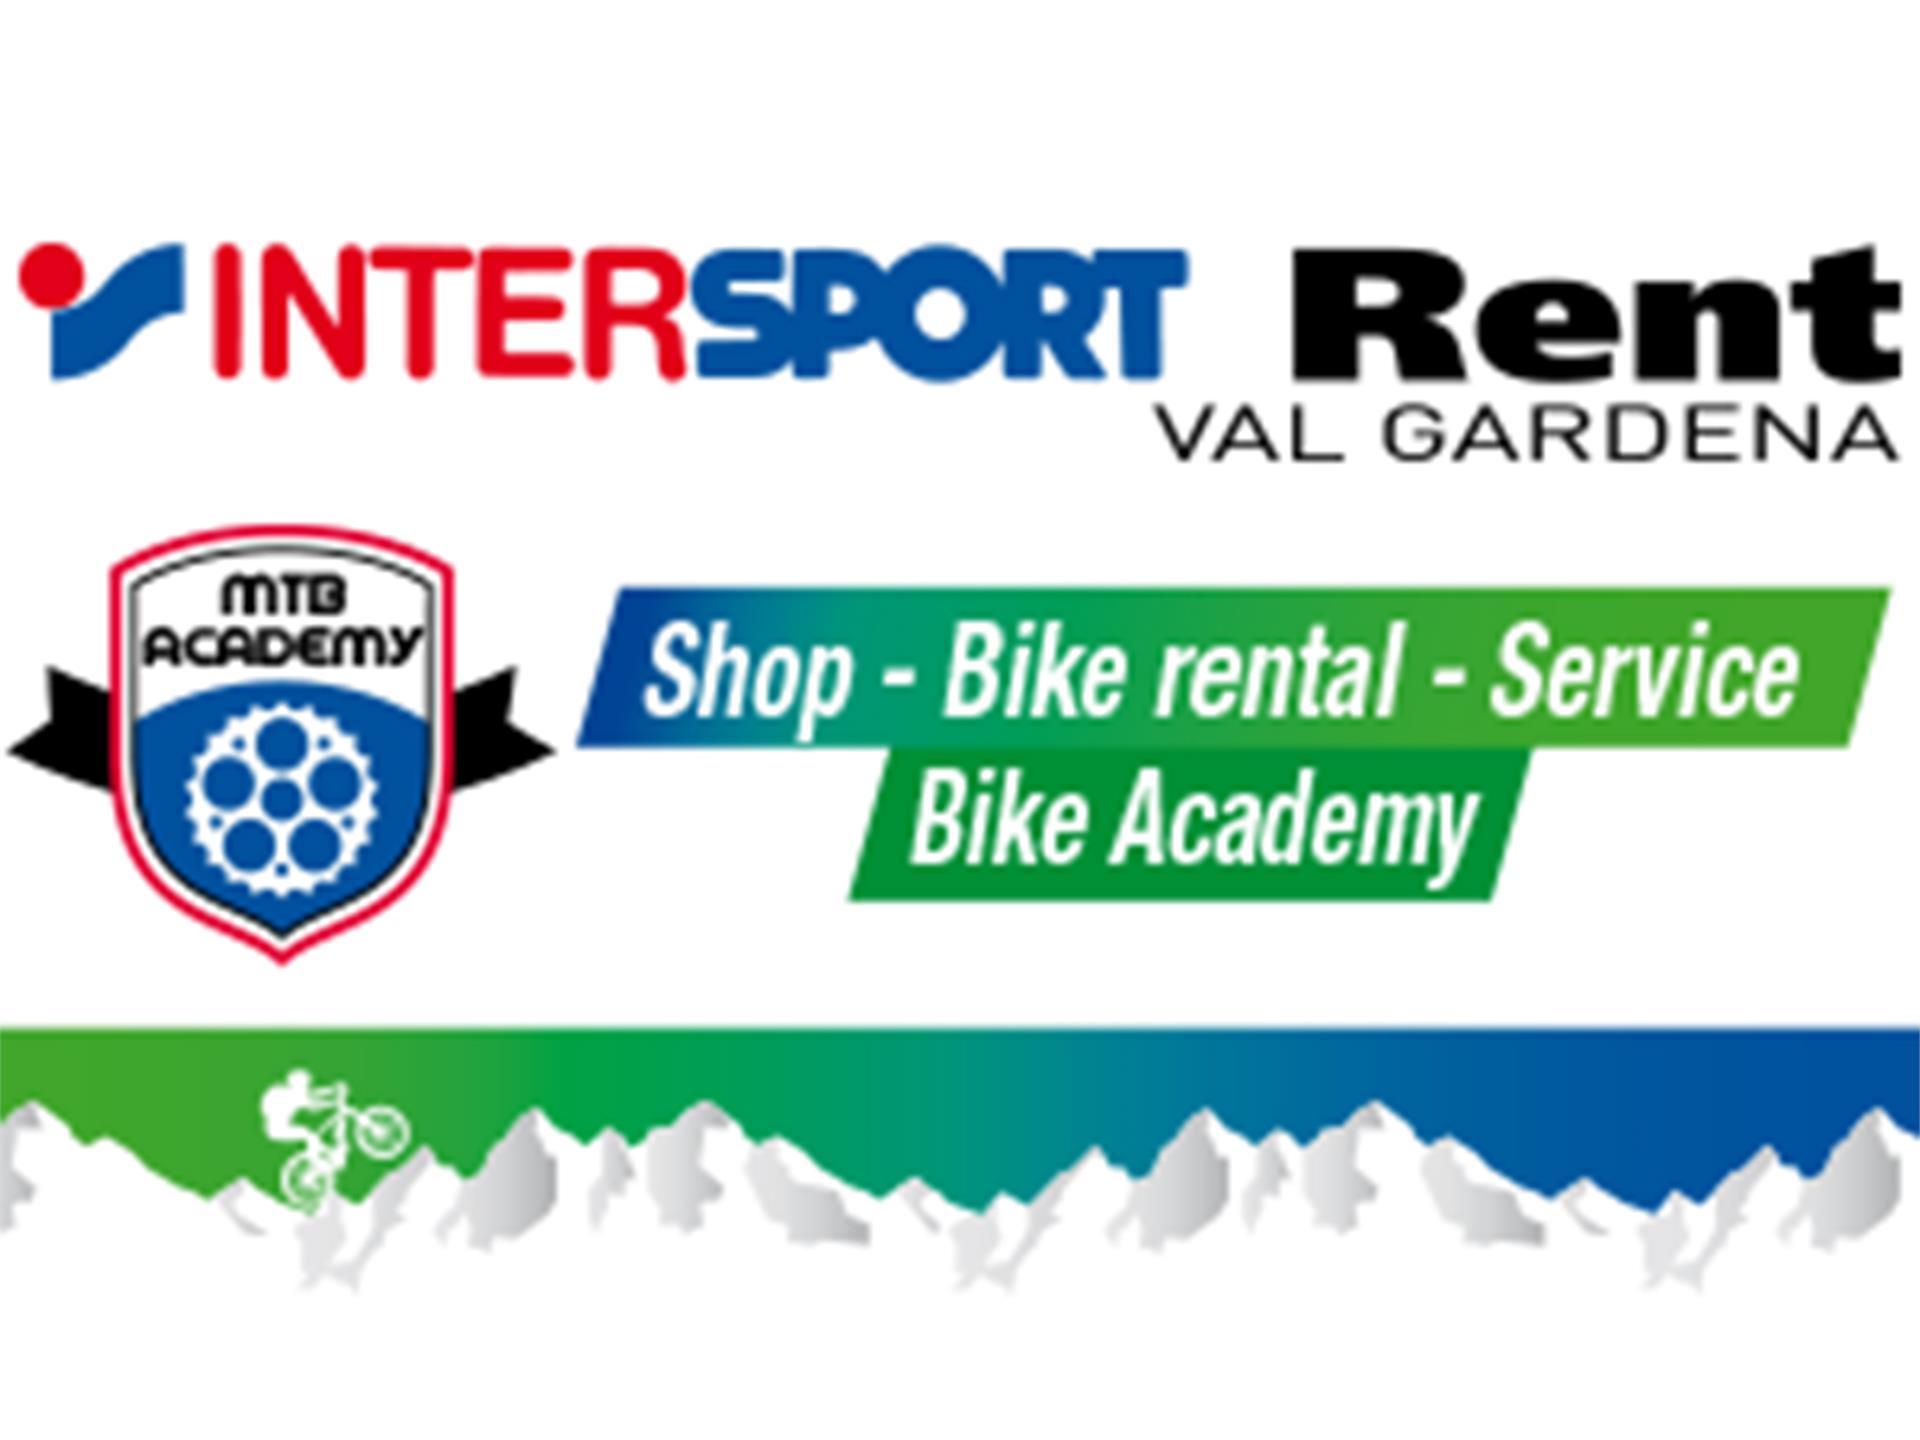 Bike Academy, Shop & Rental - Intersport